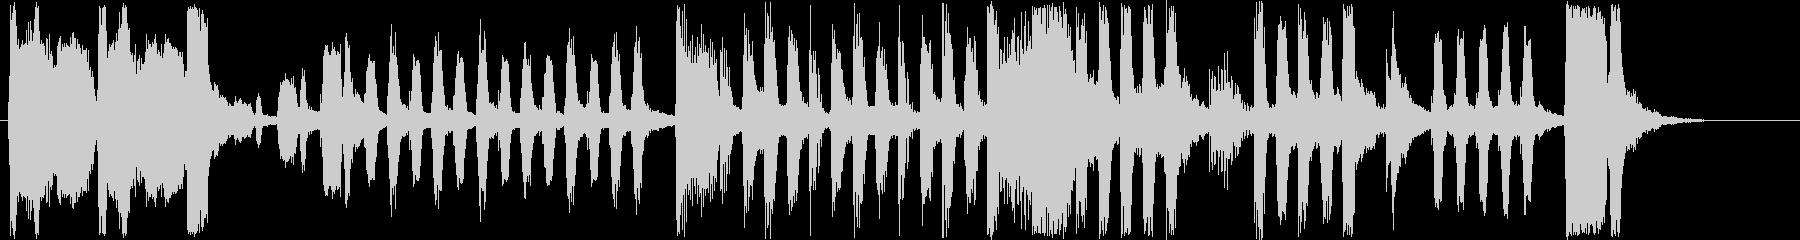 コミカルなオルガンなどのサウンド短めの未再生の波形